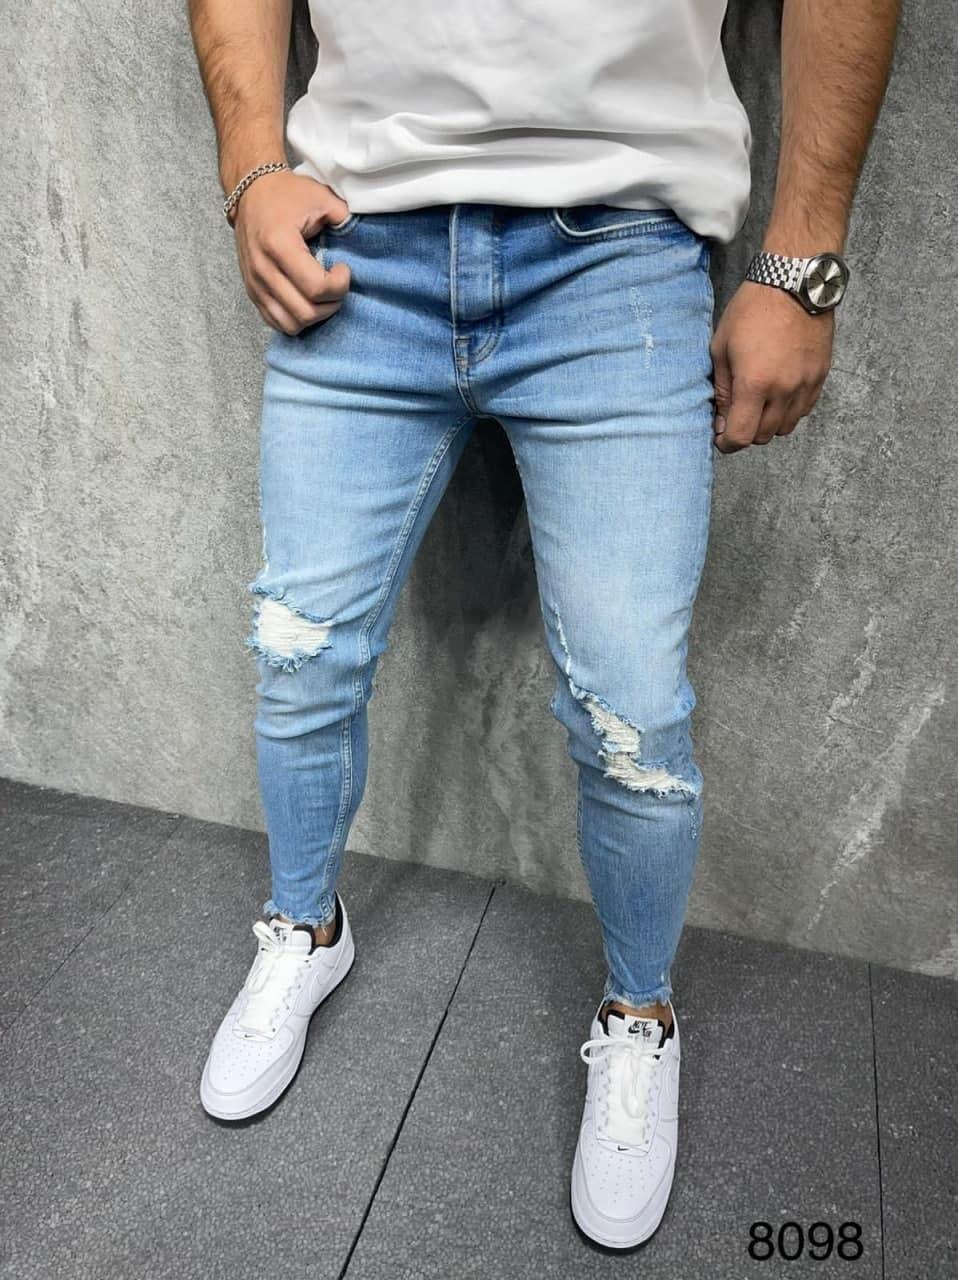 Мужские джинсы зауженные (голубые) порванного стиля качественные молодежные s8098